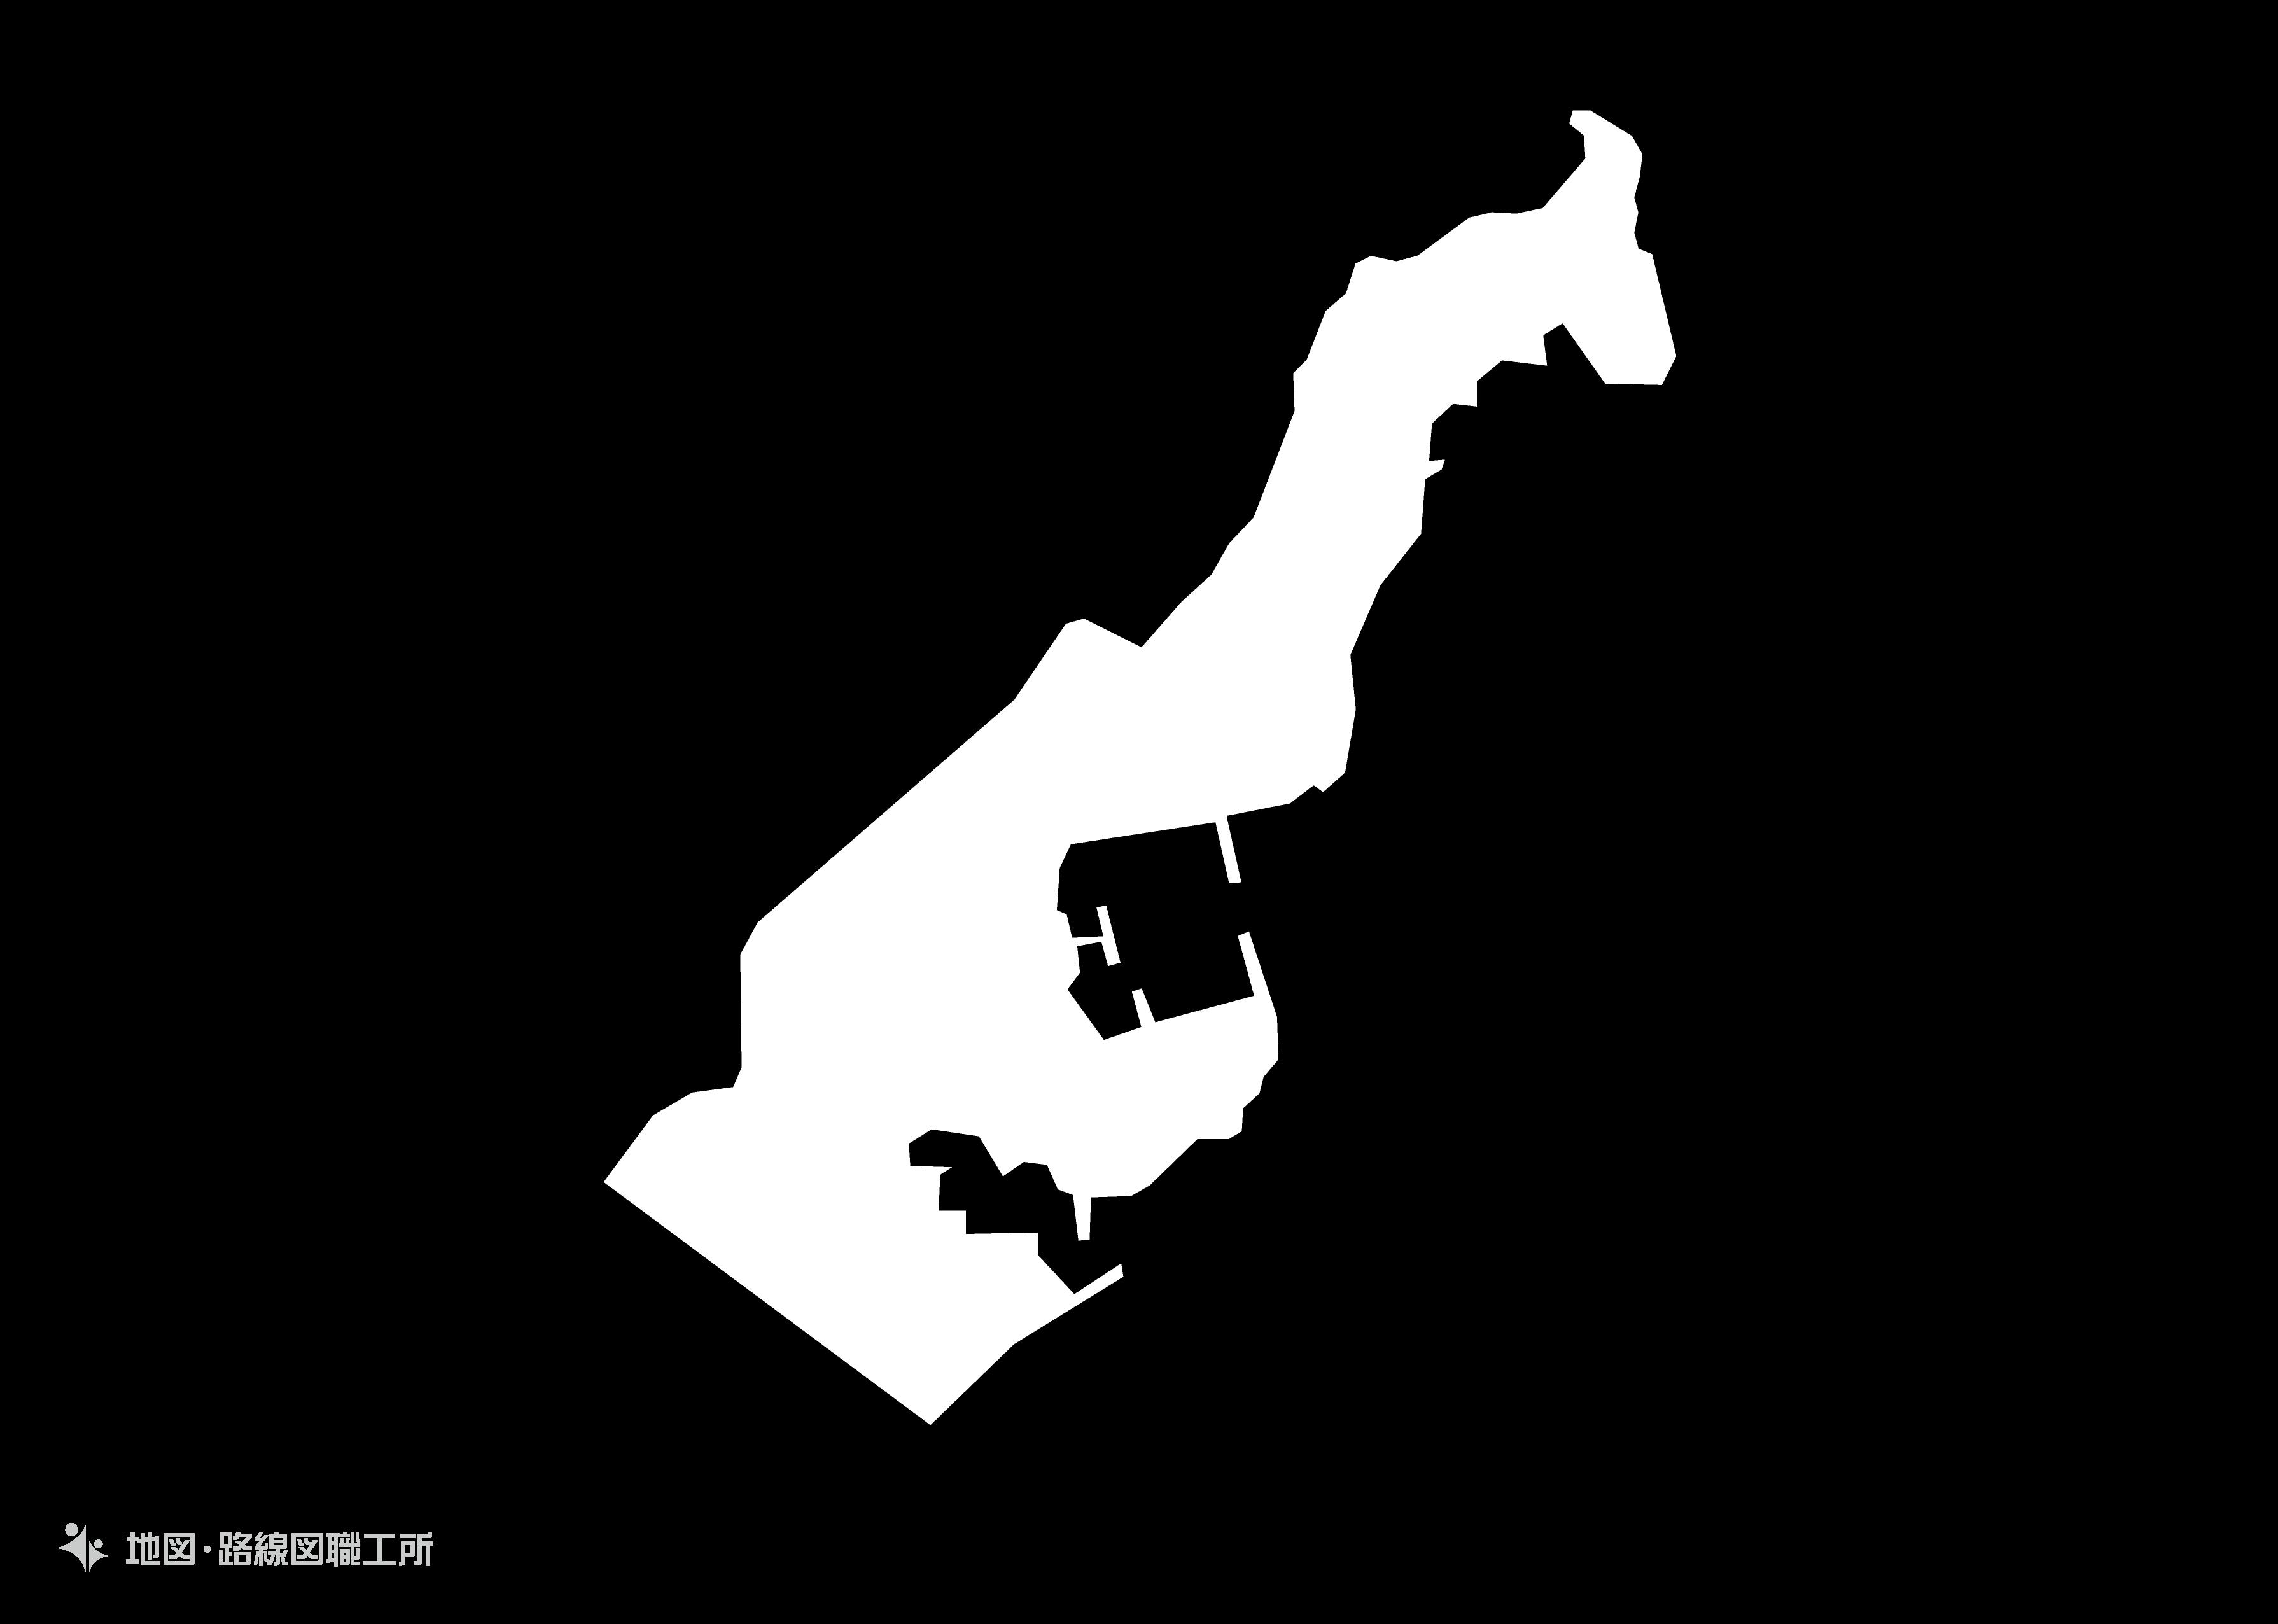 世界の白地図 モナコ公国principality-of-monaco map